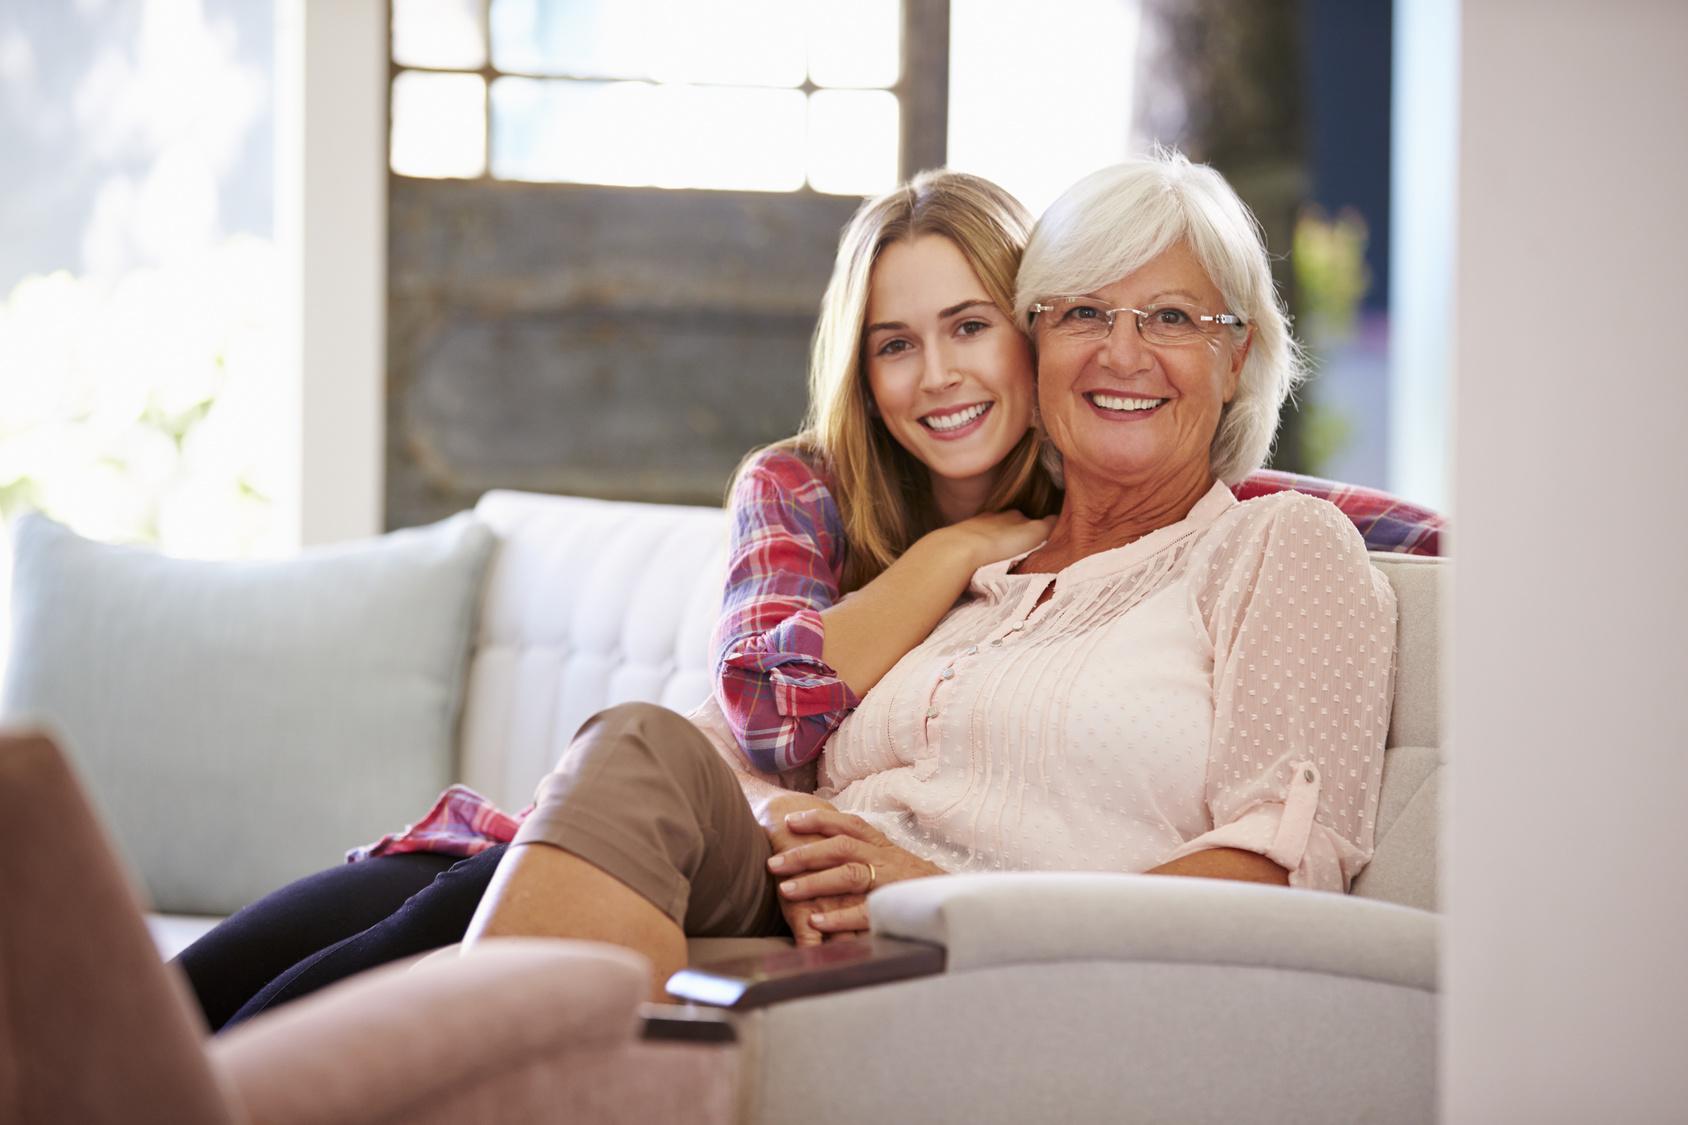 prezent dla babci i dziadka diy czy kupiony? jaki prezent podarować na dzień babci i dziadka?